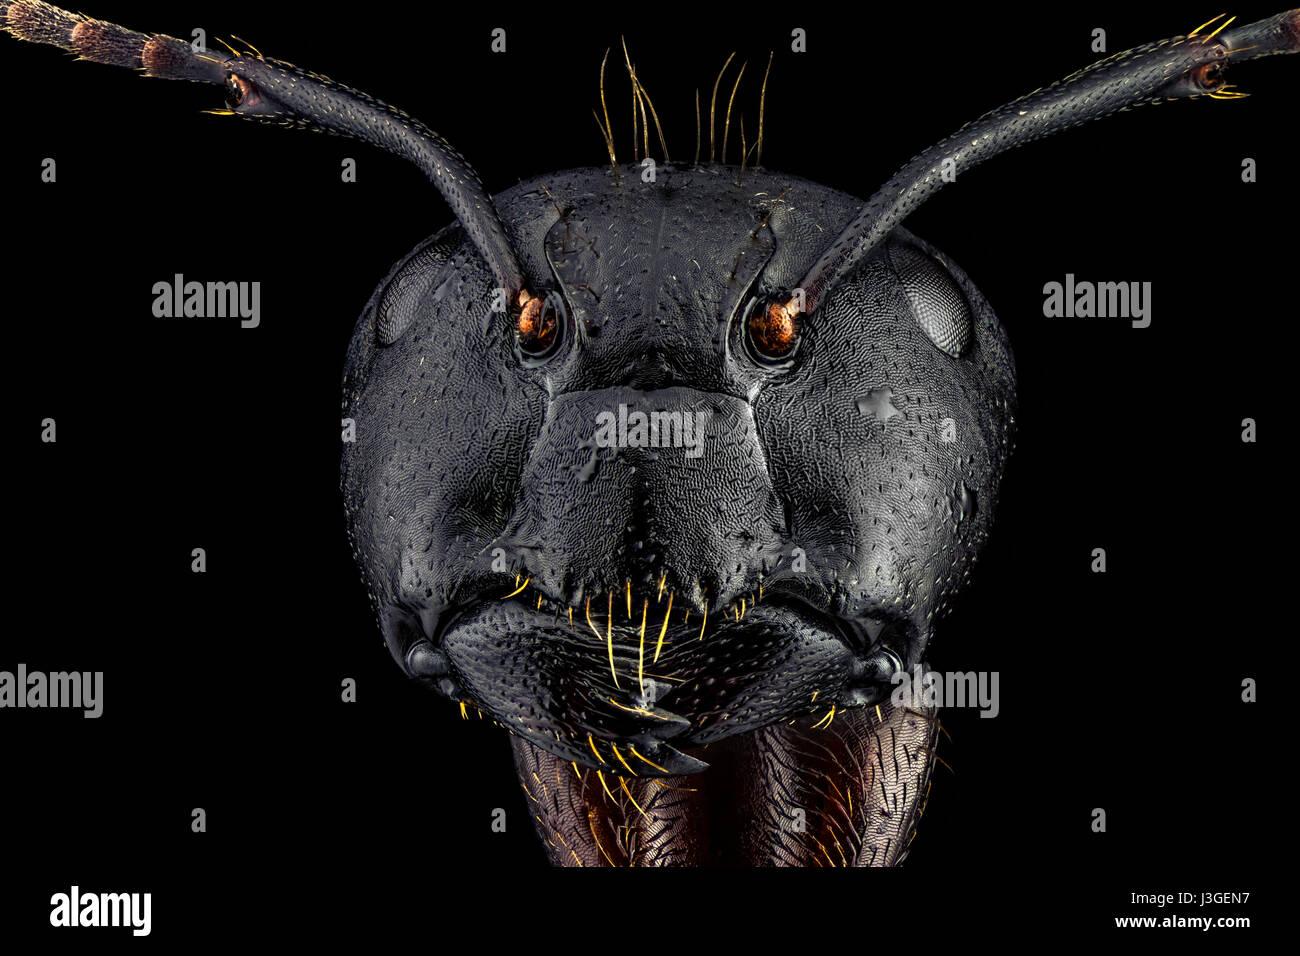 Extreme Makro-Porträt einer Ameise, scharf und detailreich, vergrößert, 4 Mal durch ein Mikroskopobjektiv. Stockbild